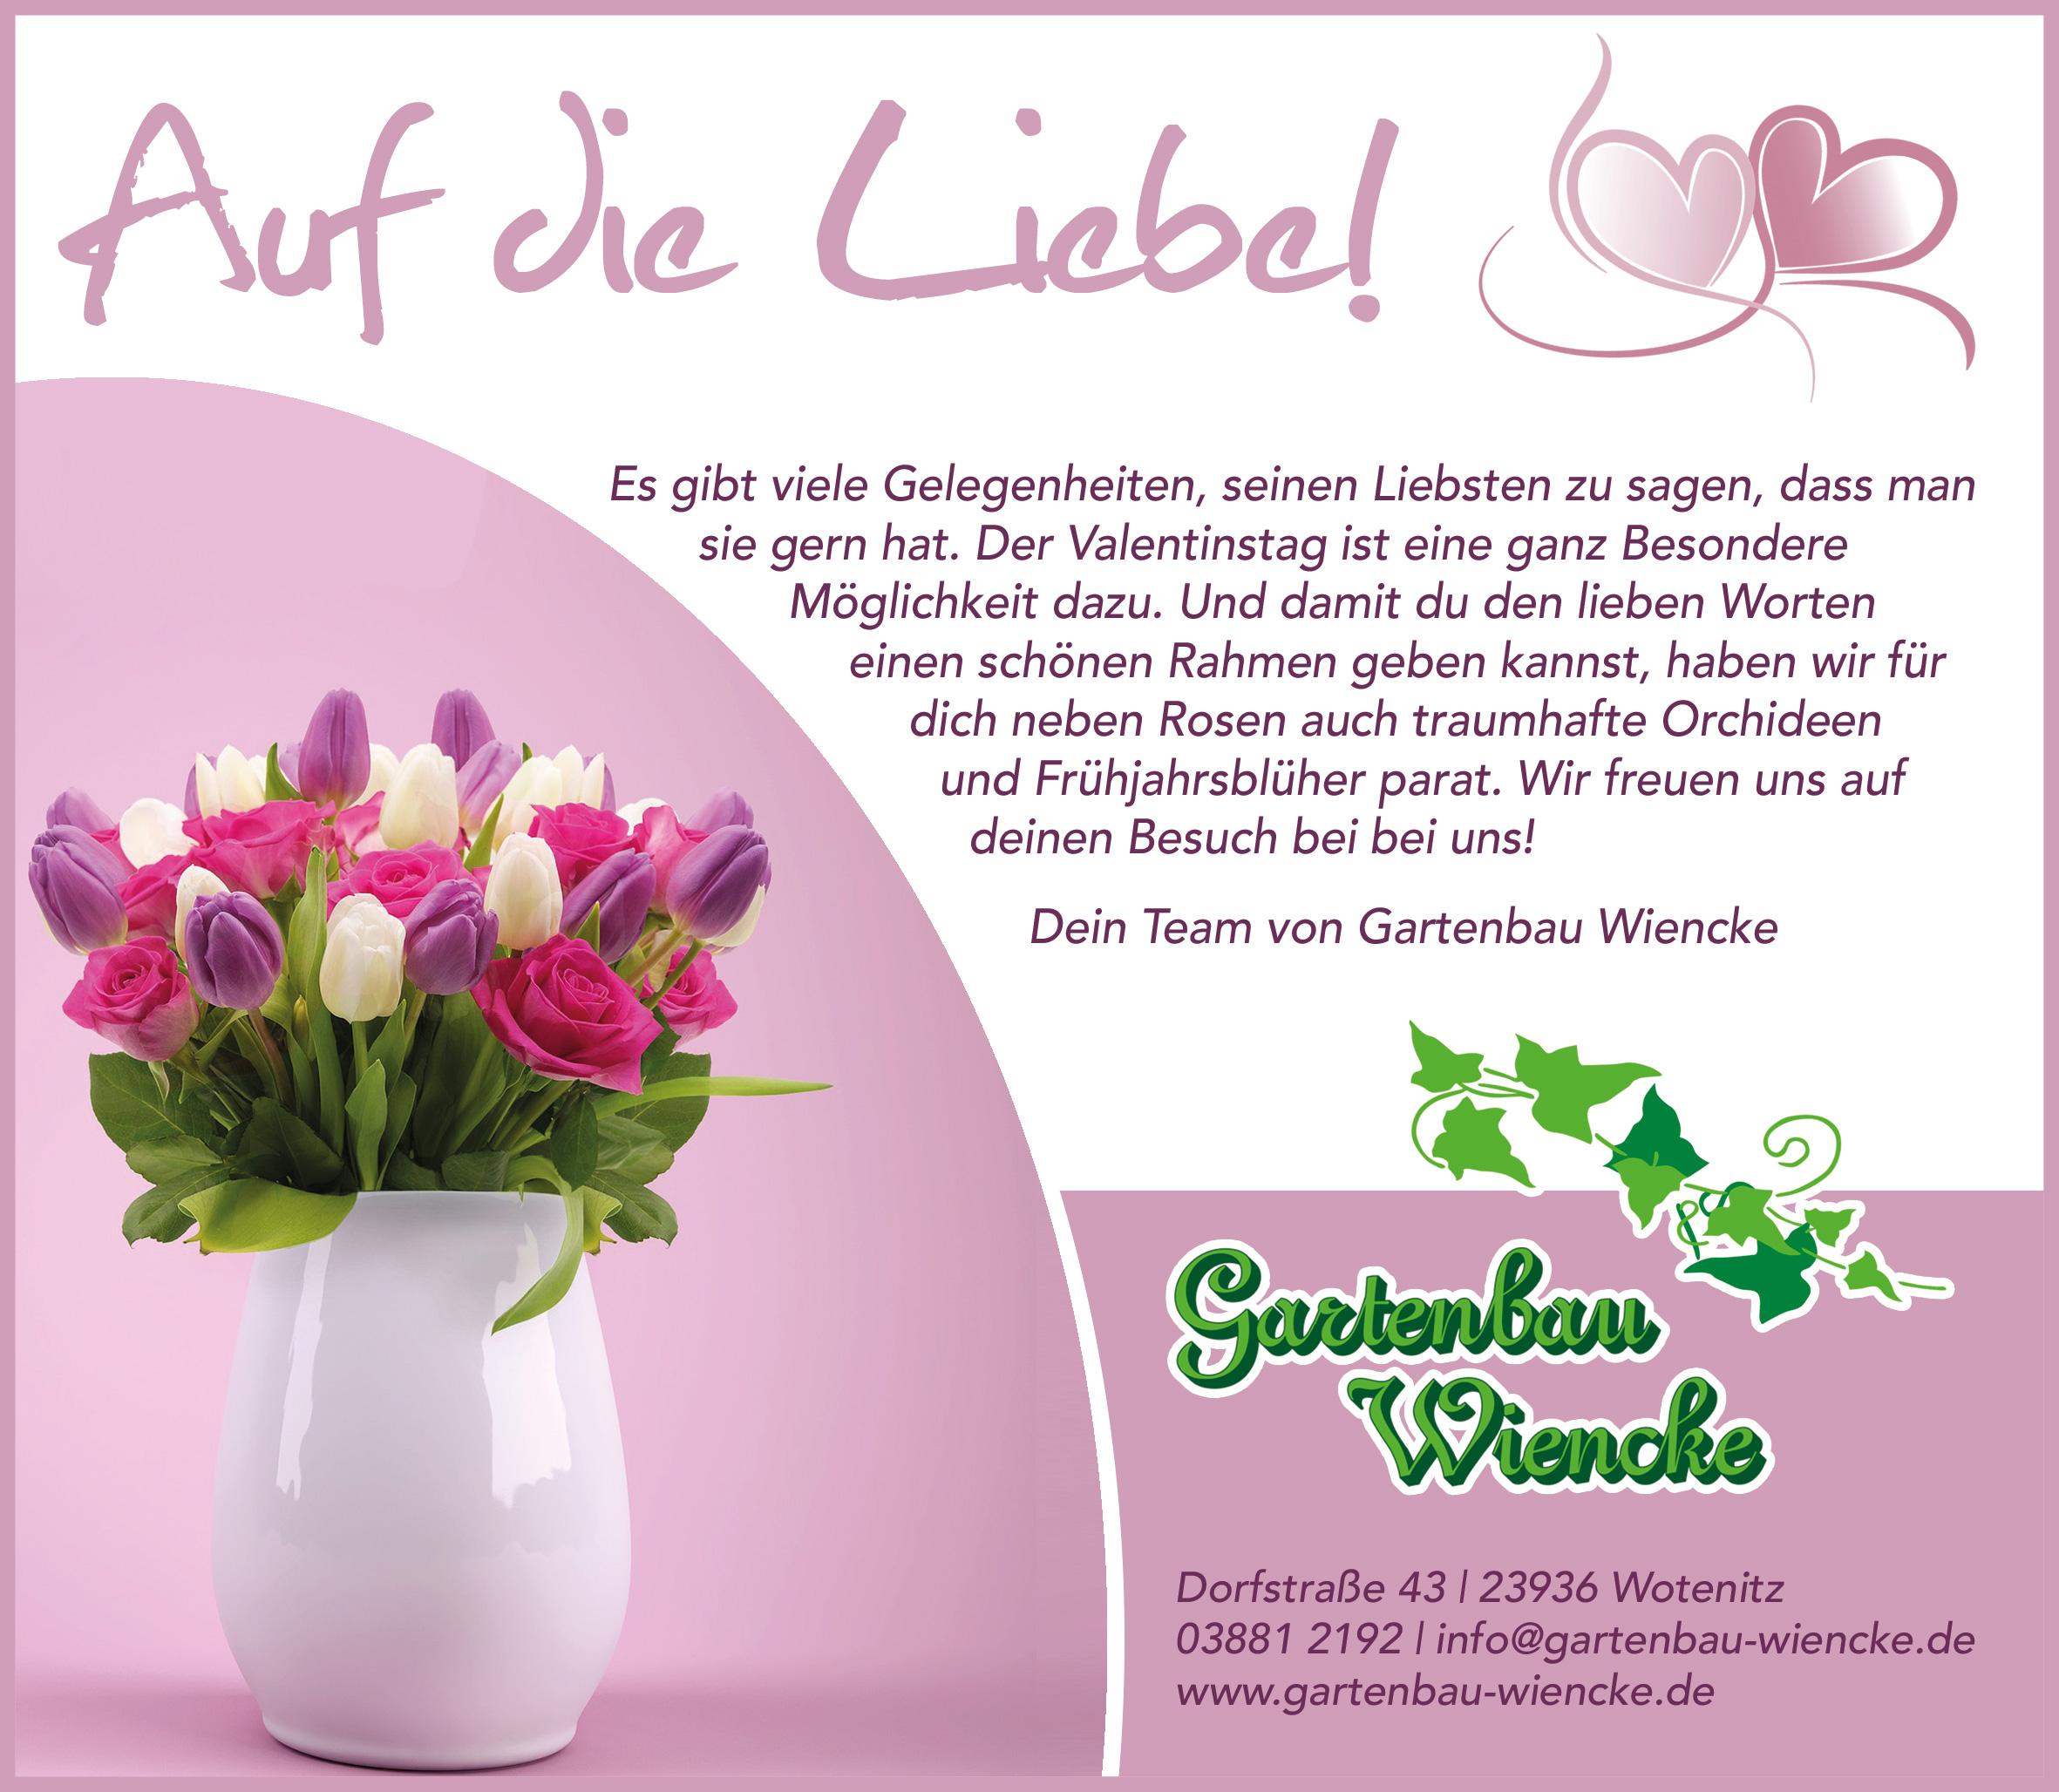 Valentinstag: Auf die Liebe!